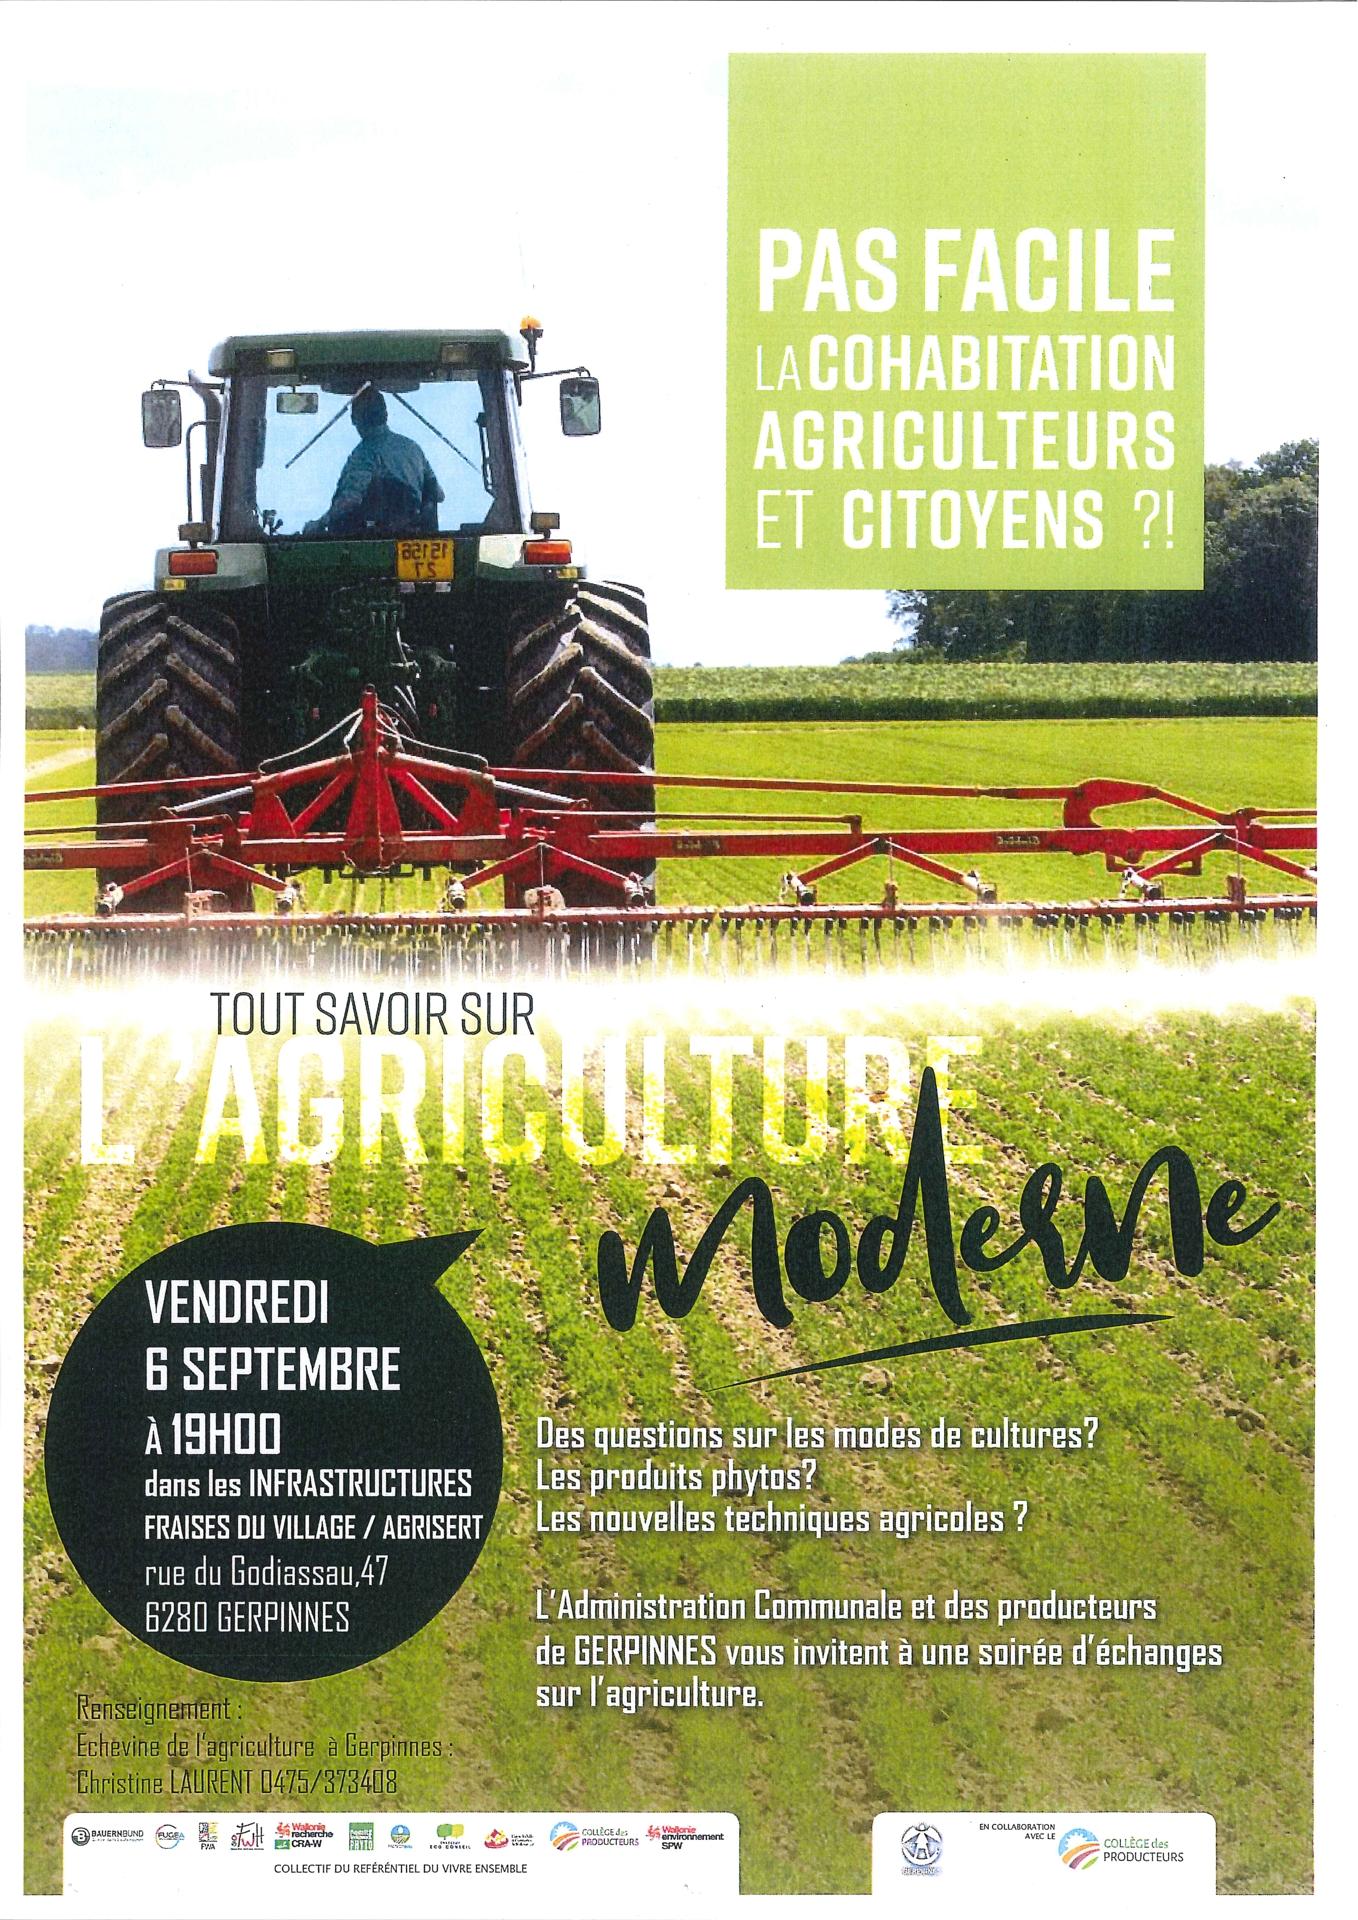 tout savoir sur l'agriculture